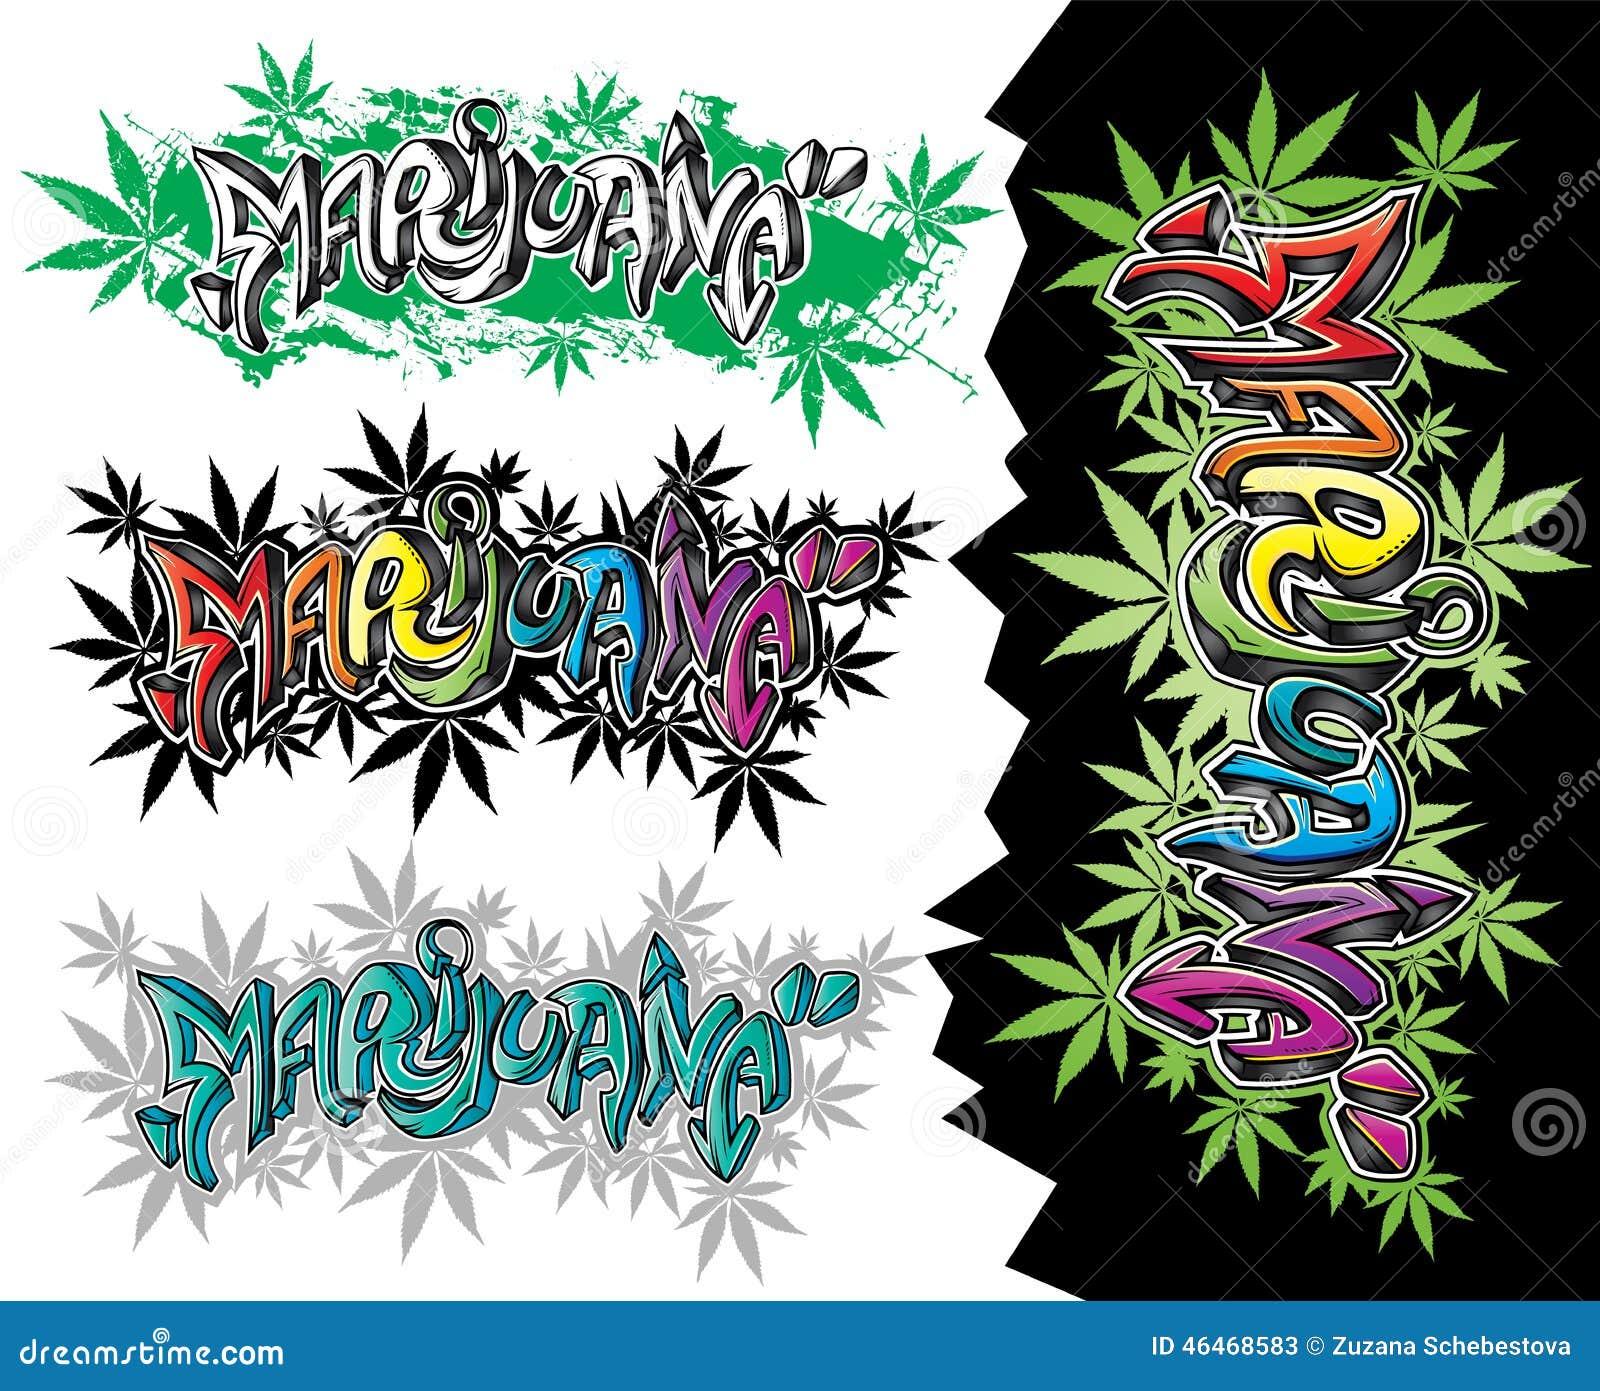 Граффити конопли симптомы человека курящего марихуану